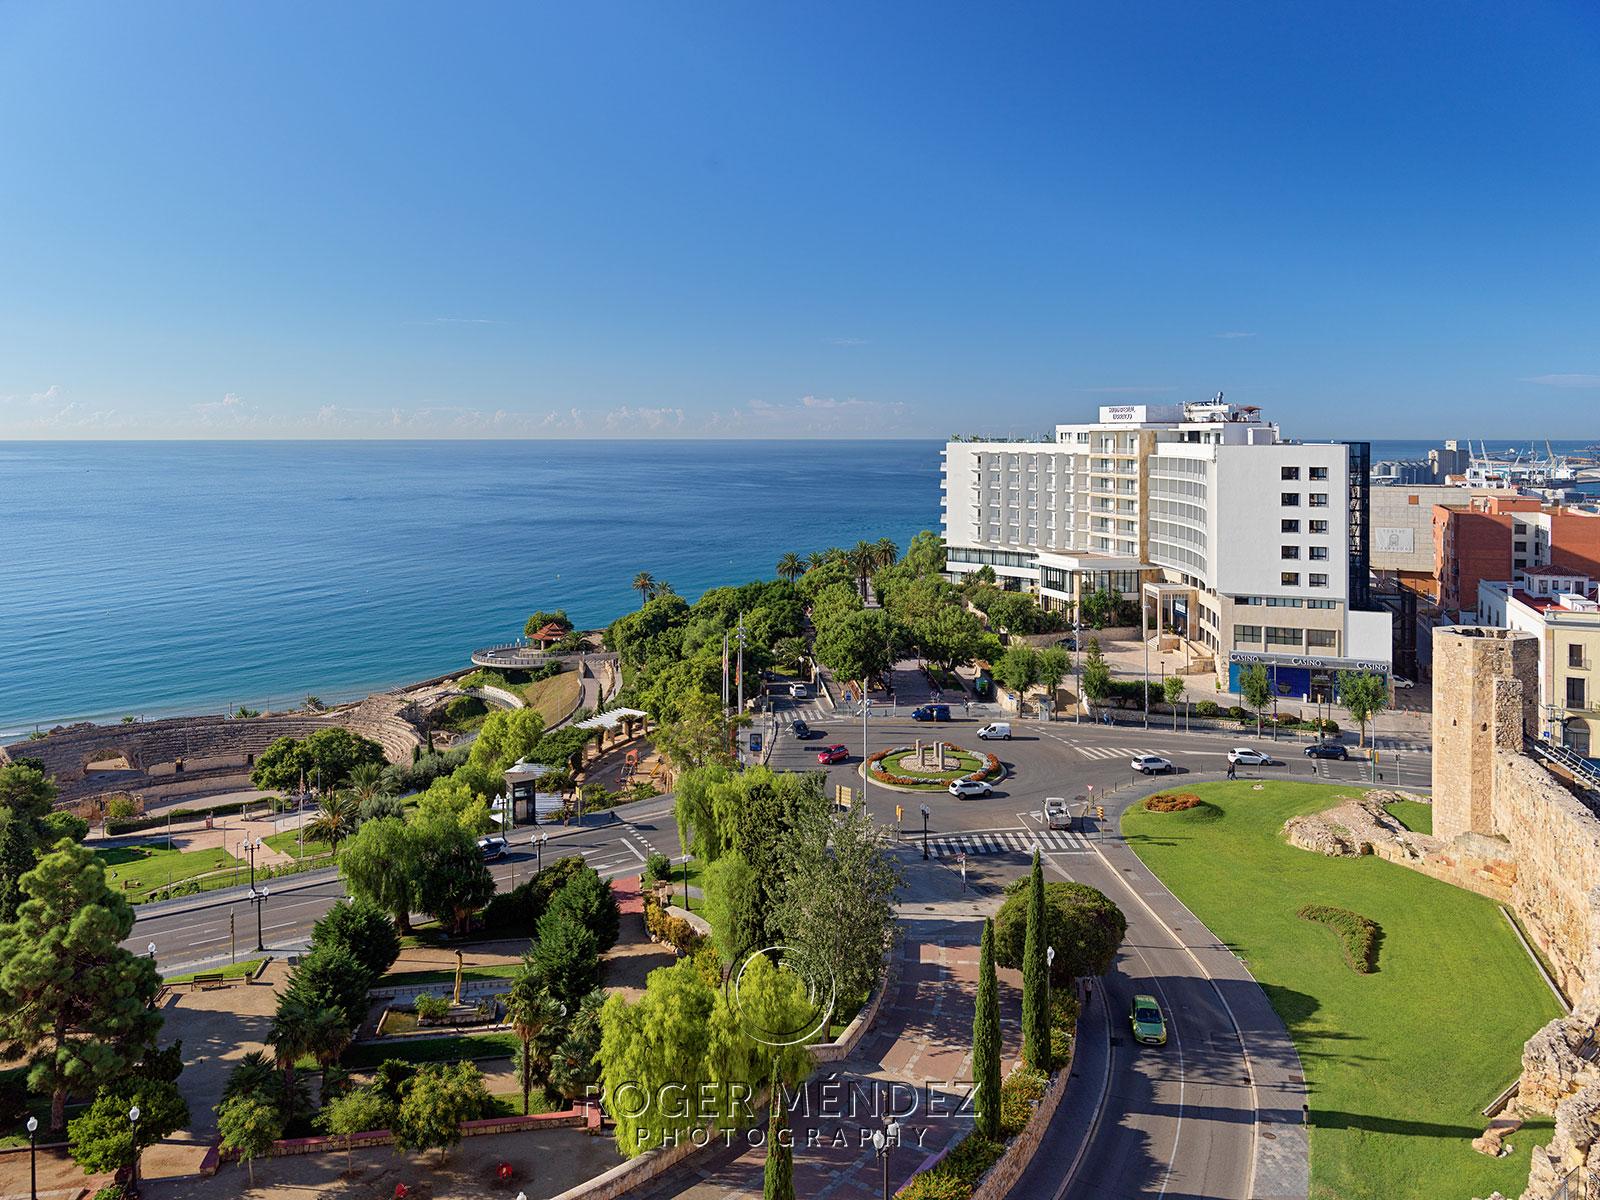 Vista general del hotel en la que se muestra parte del anfiteatro y su ubicación frente al mar